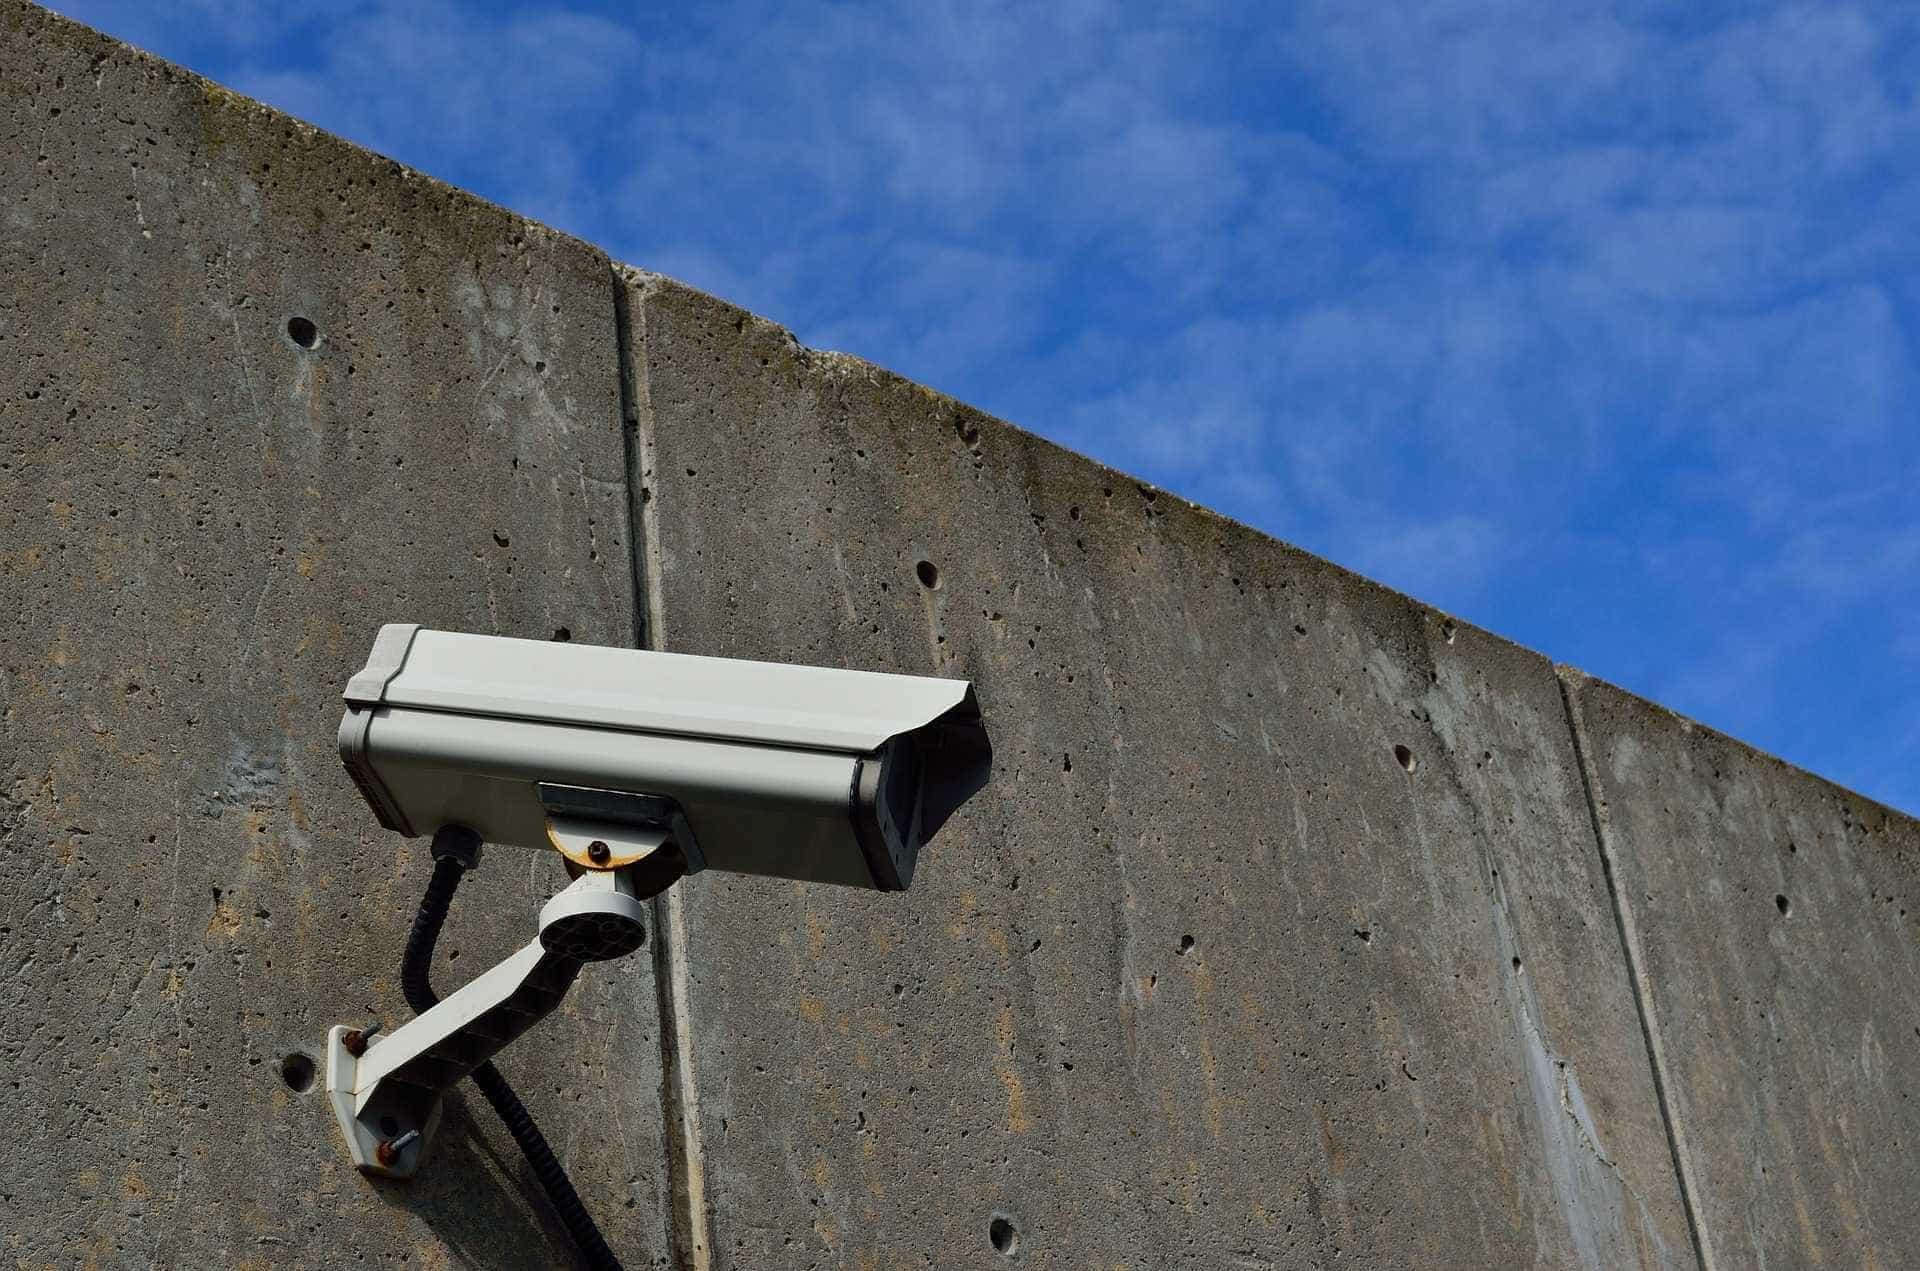 Câmeras aumentam em 111% multas aplicadas no aeroporto de Cumbica